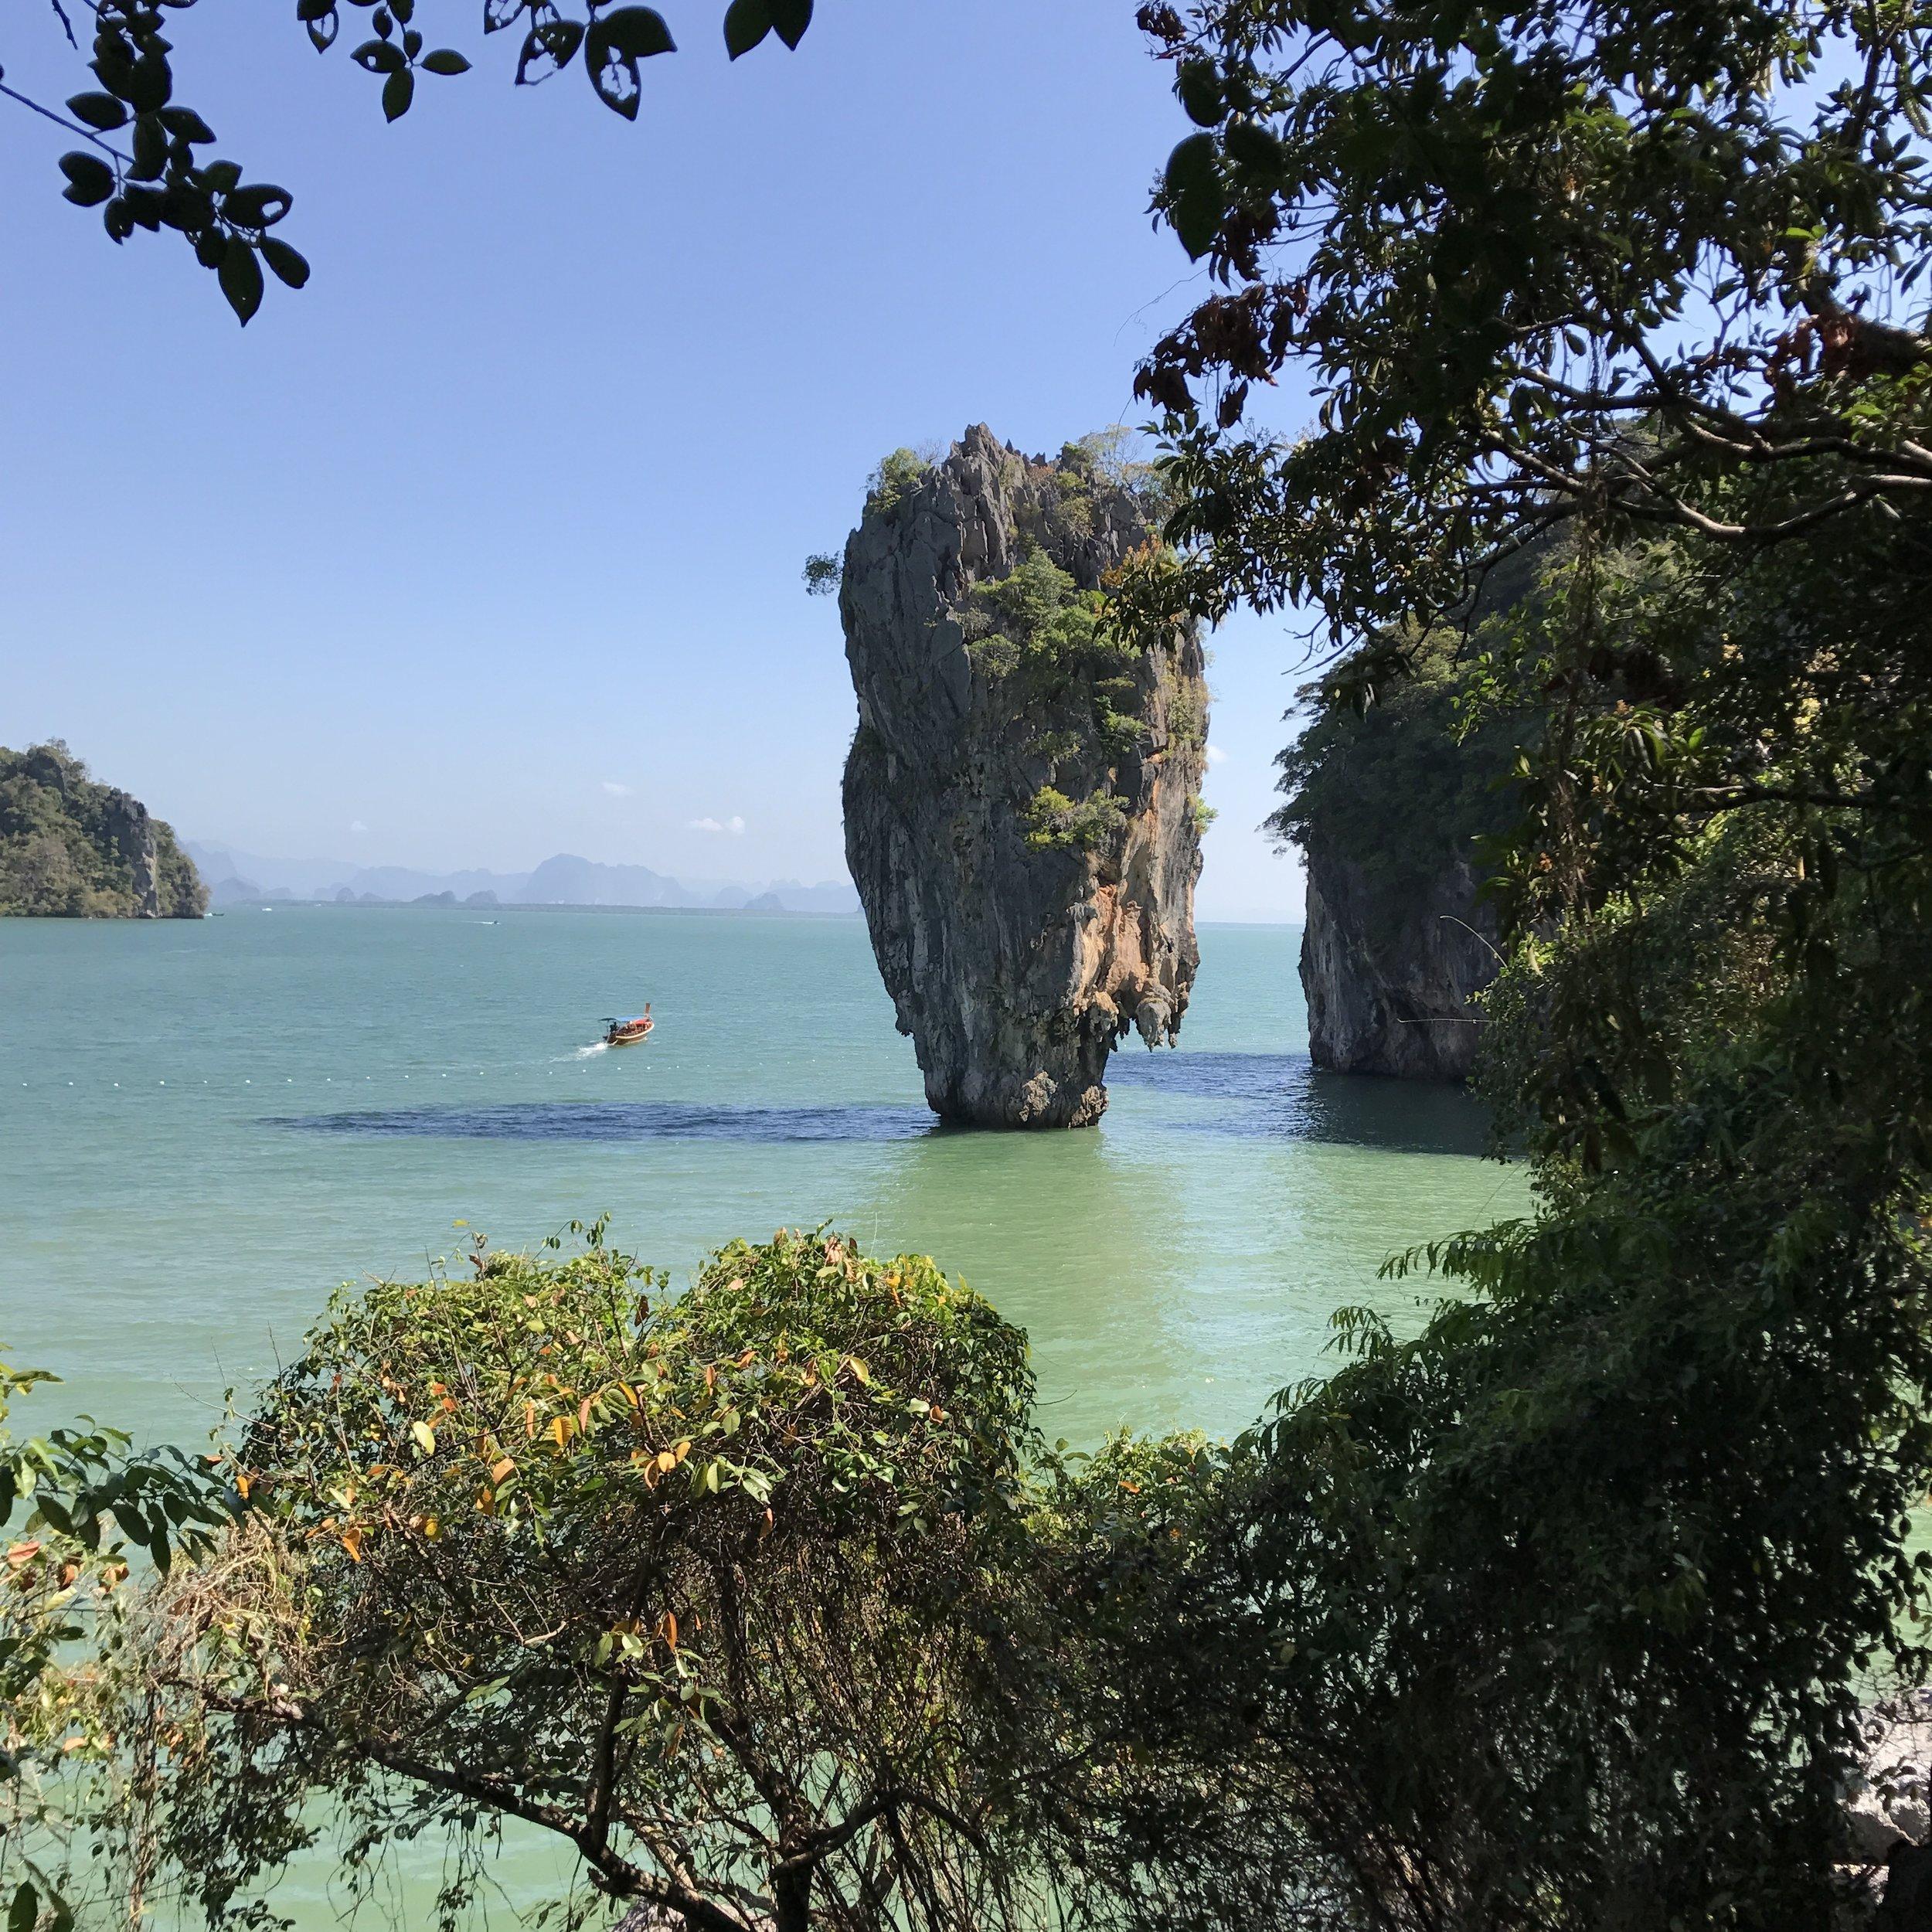 Phang Nga Bay (James Bond Island)